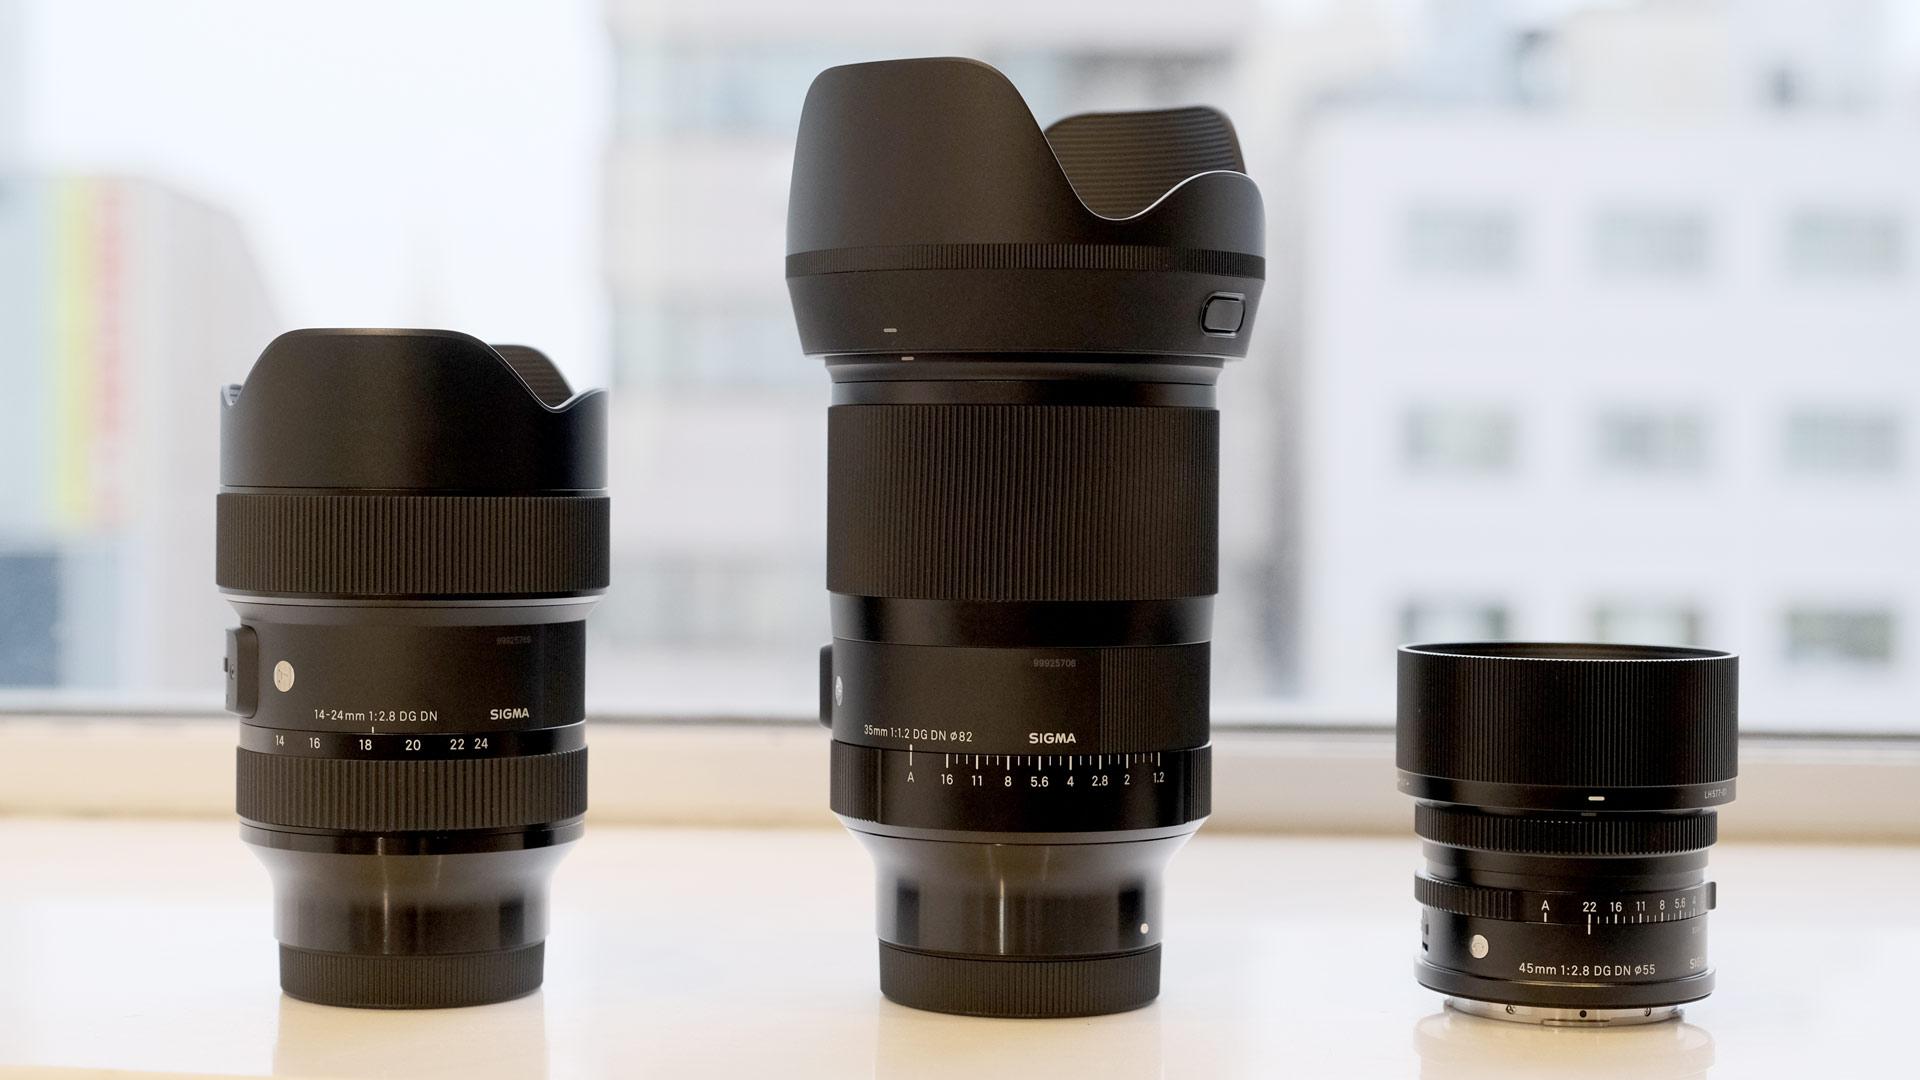 シグマがフルフレームミラーレス用レンズ3本を発表